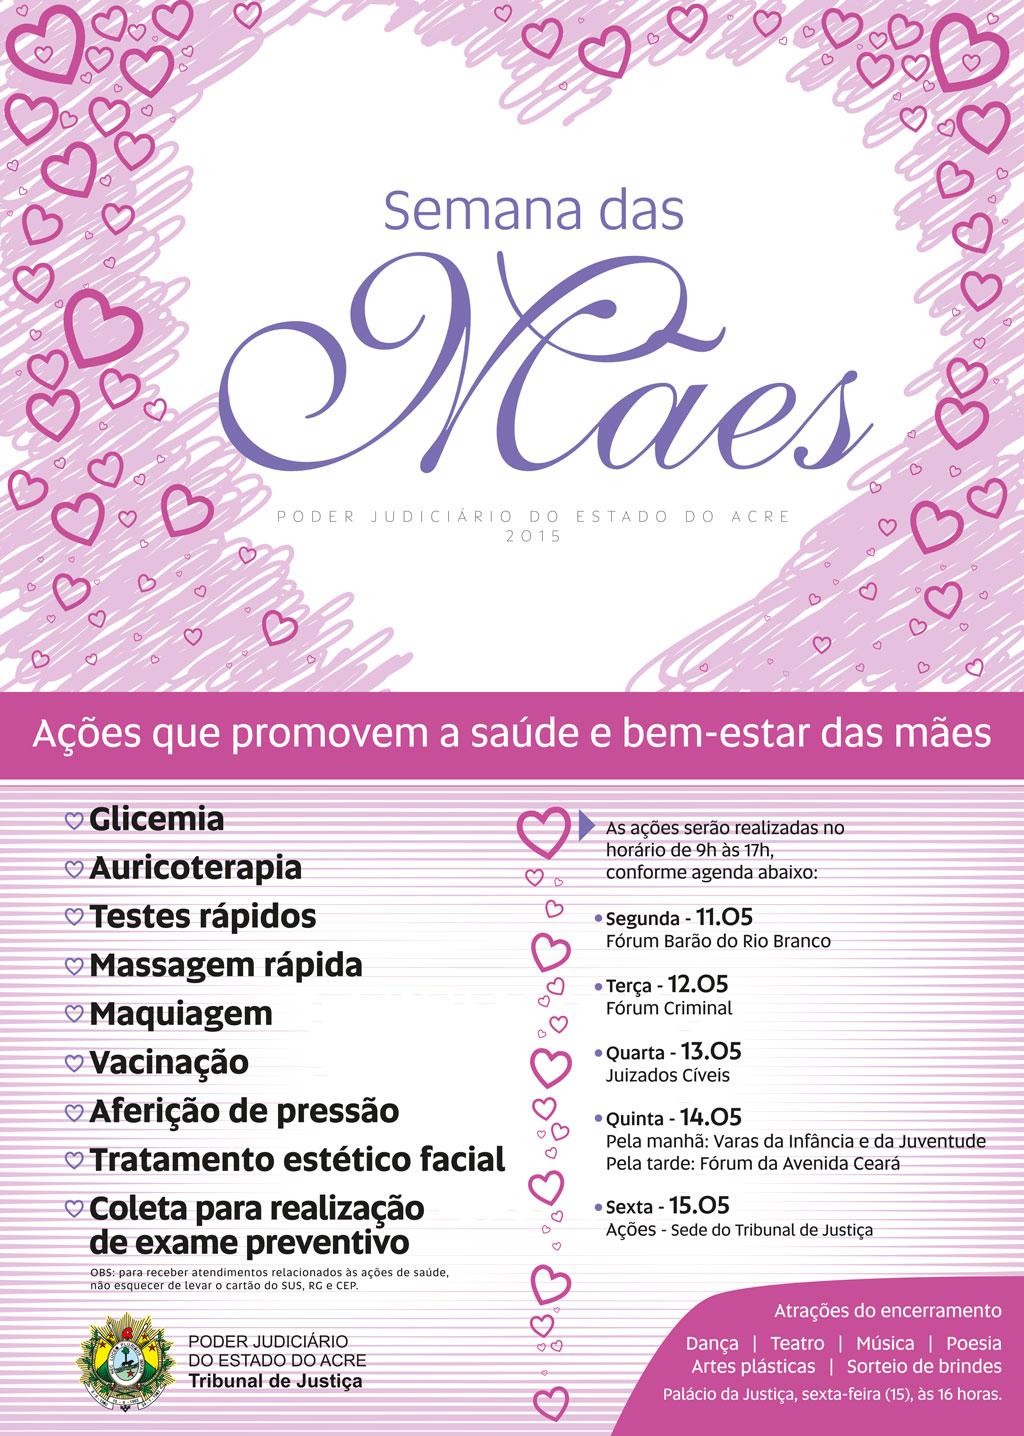 cartaz_semana_dia_das_maes_maio15_v1_tjac